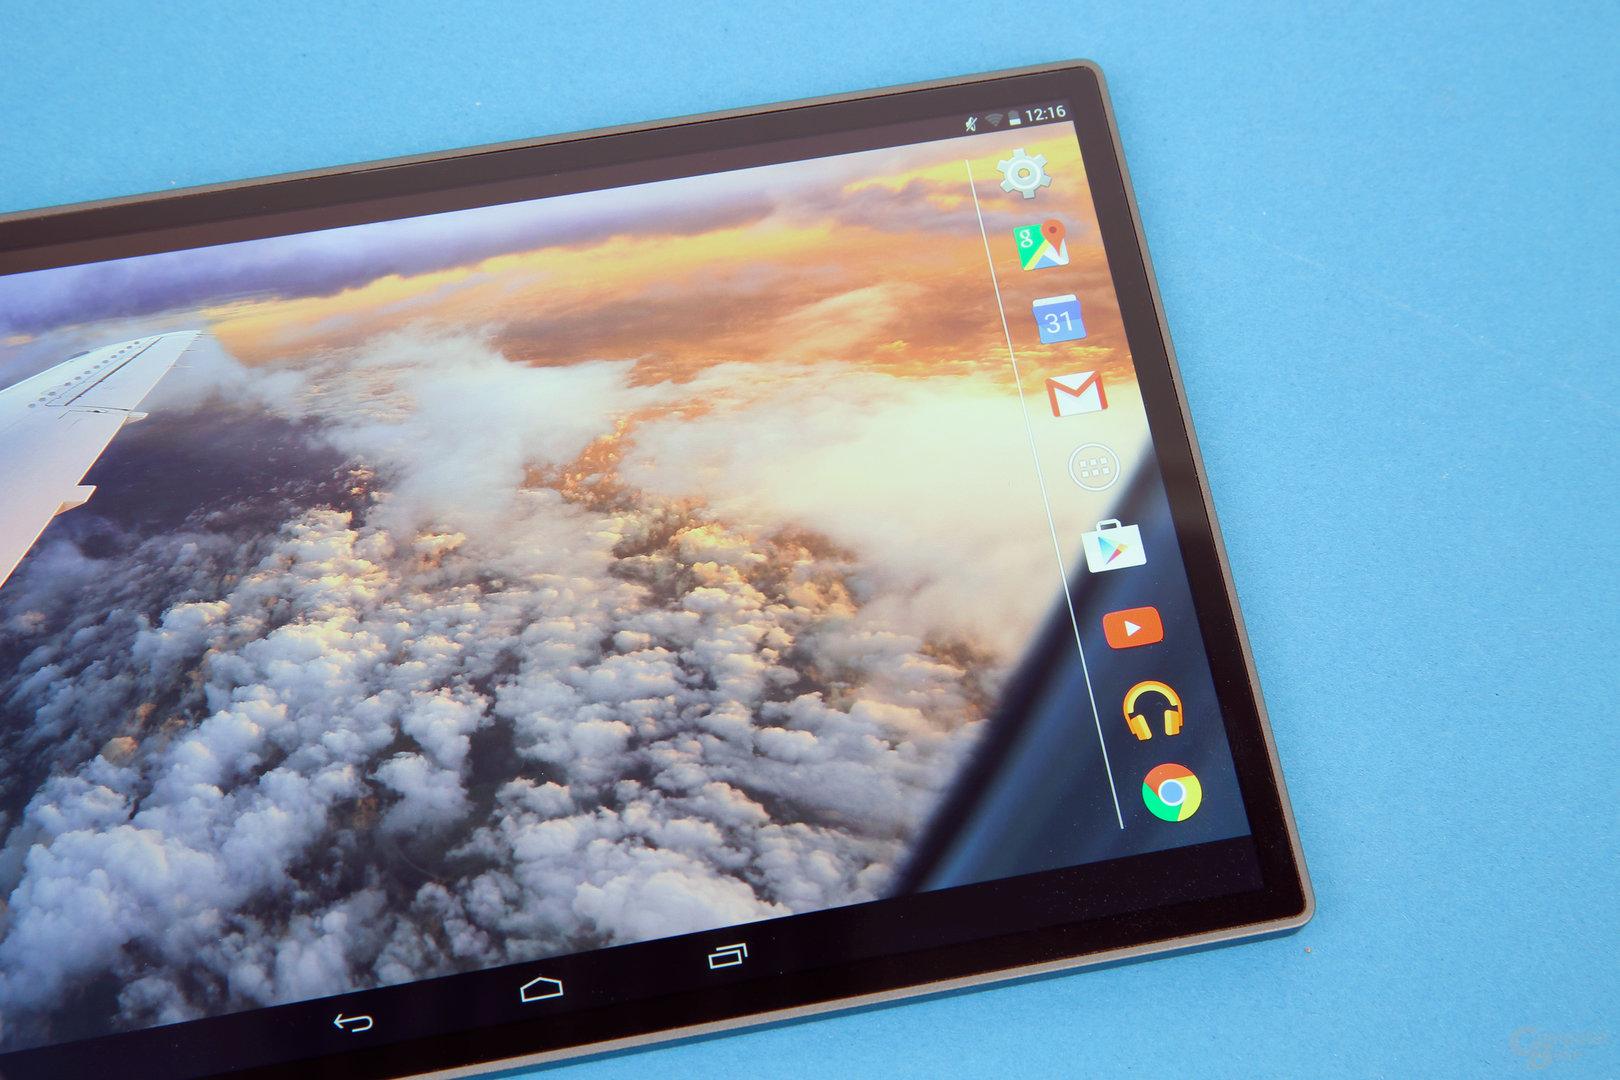 Dell Venue 8 mit Super-AMOLED-Display und hoher Auflösung